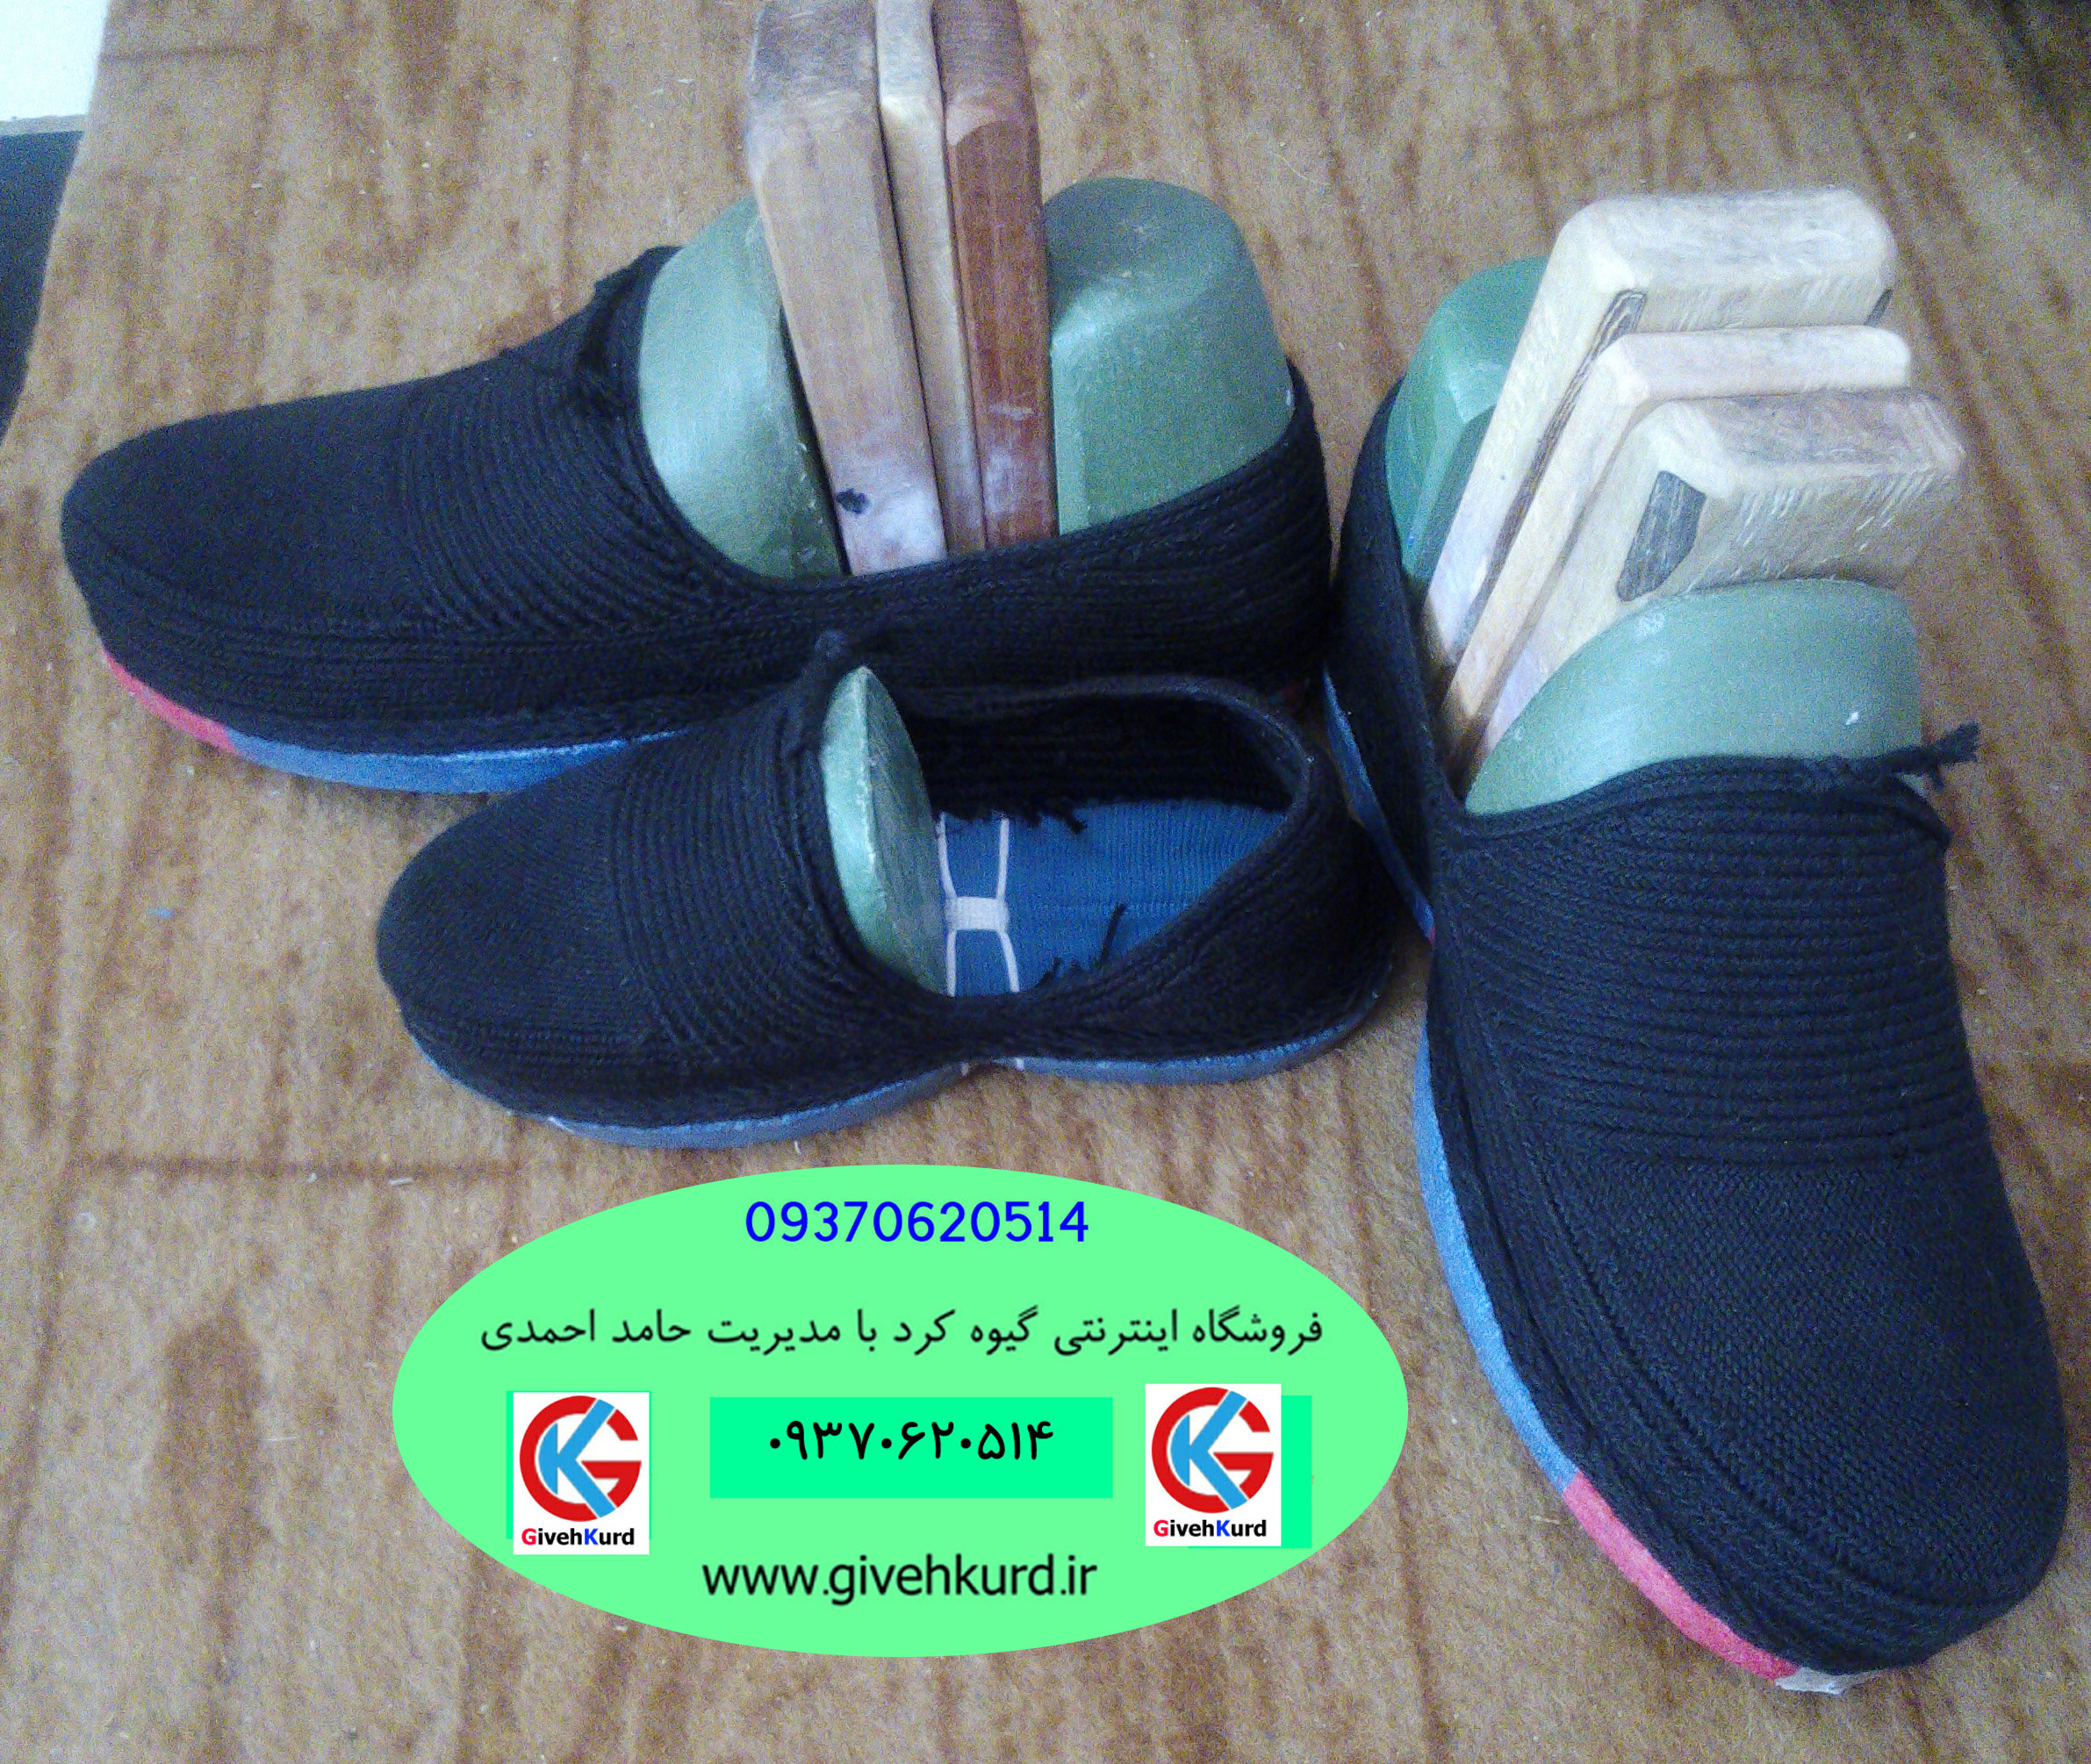 کفش کلاش مشکی مردانه و بچگانه